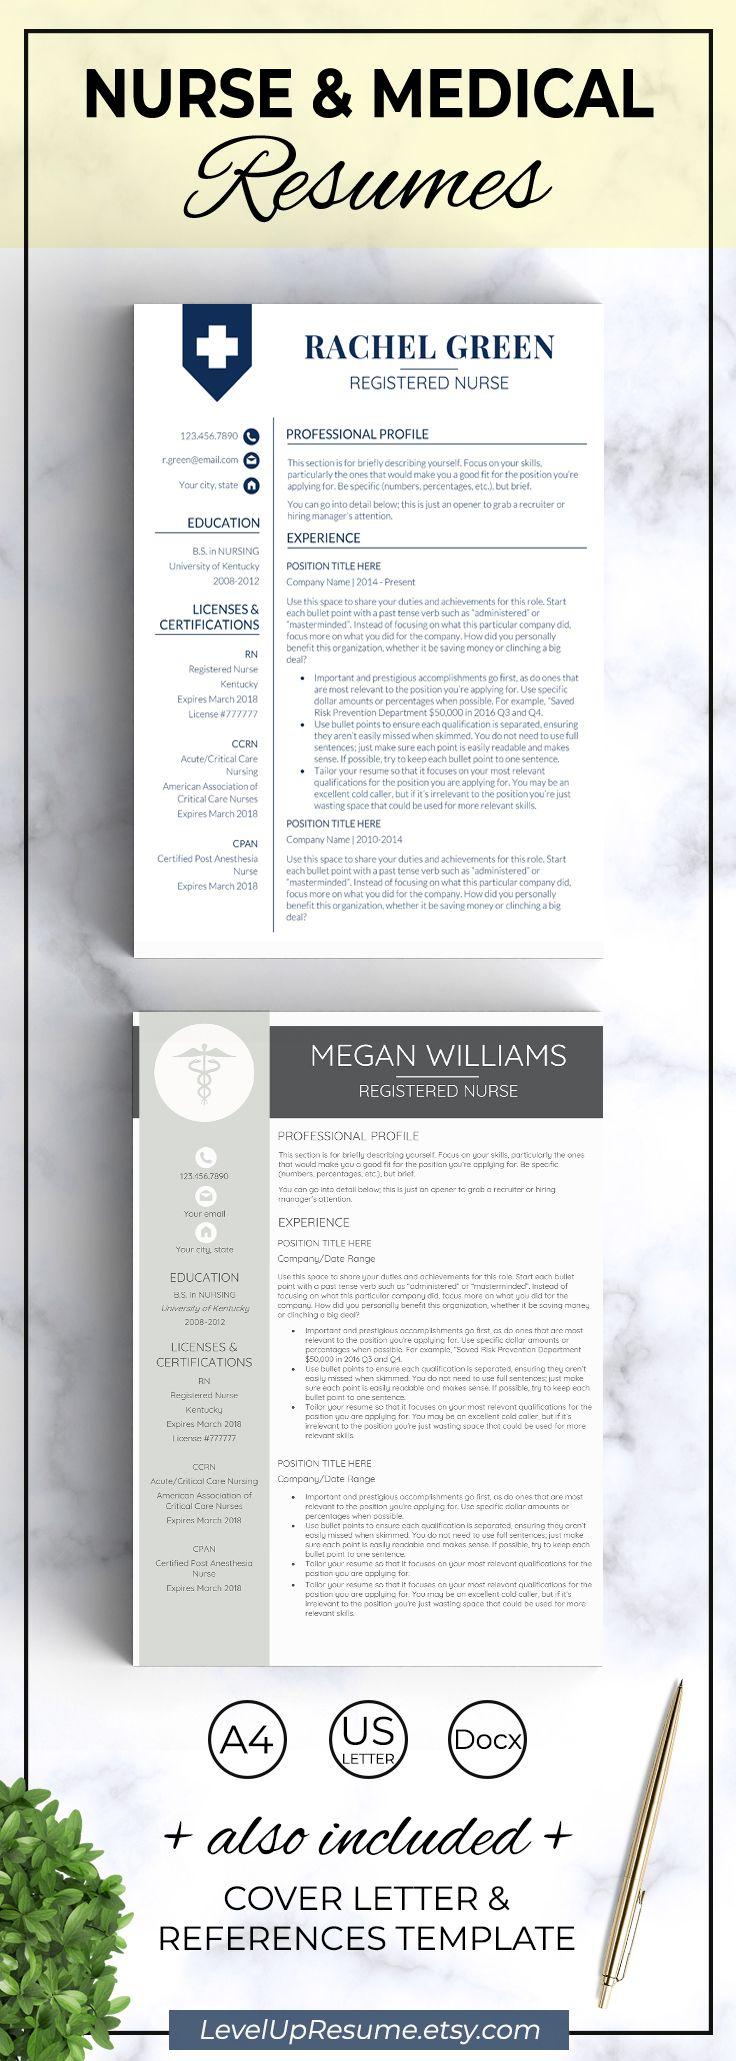 medical resume template registered nurse resume template for new grad nursing resume template